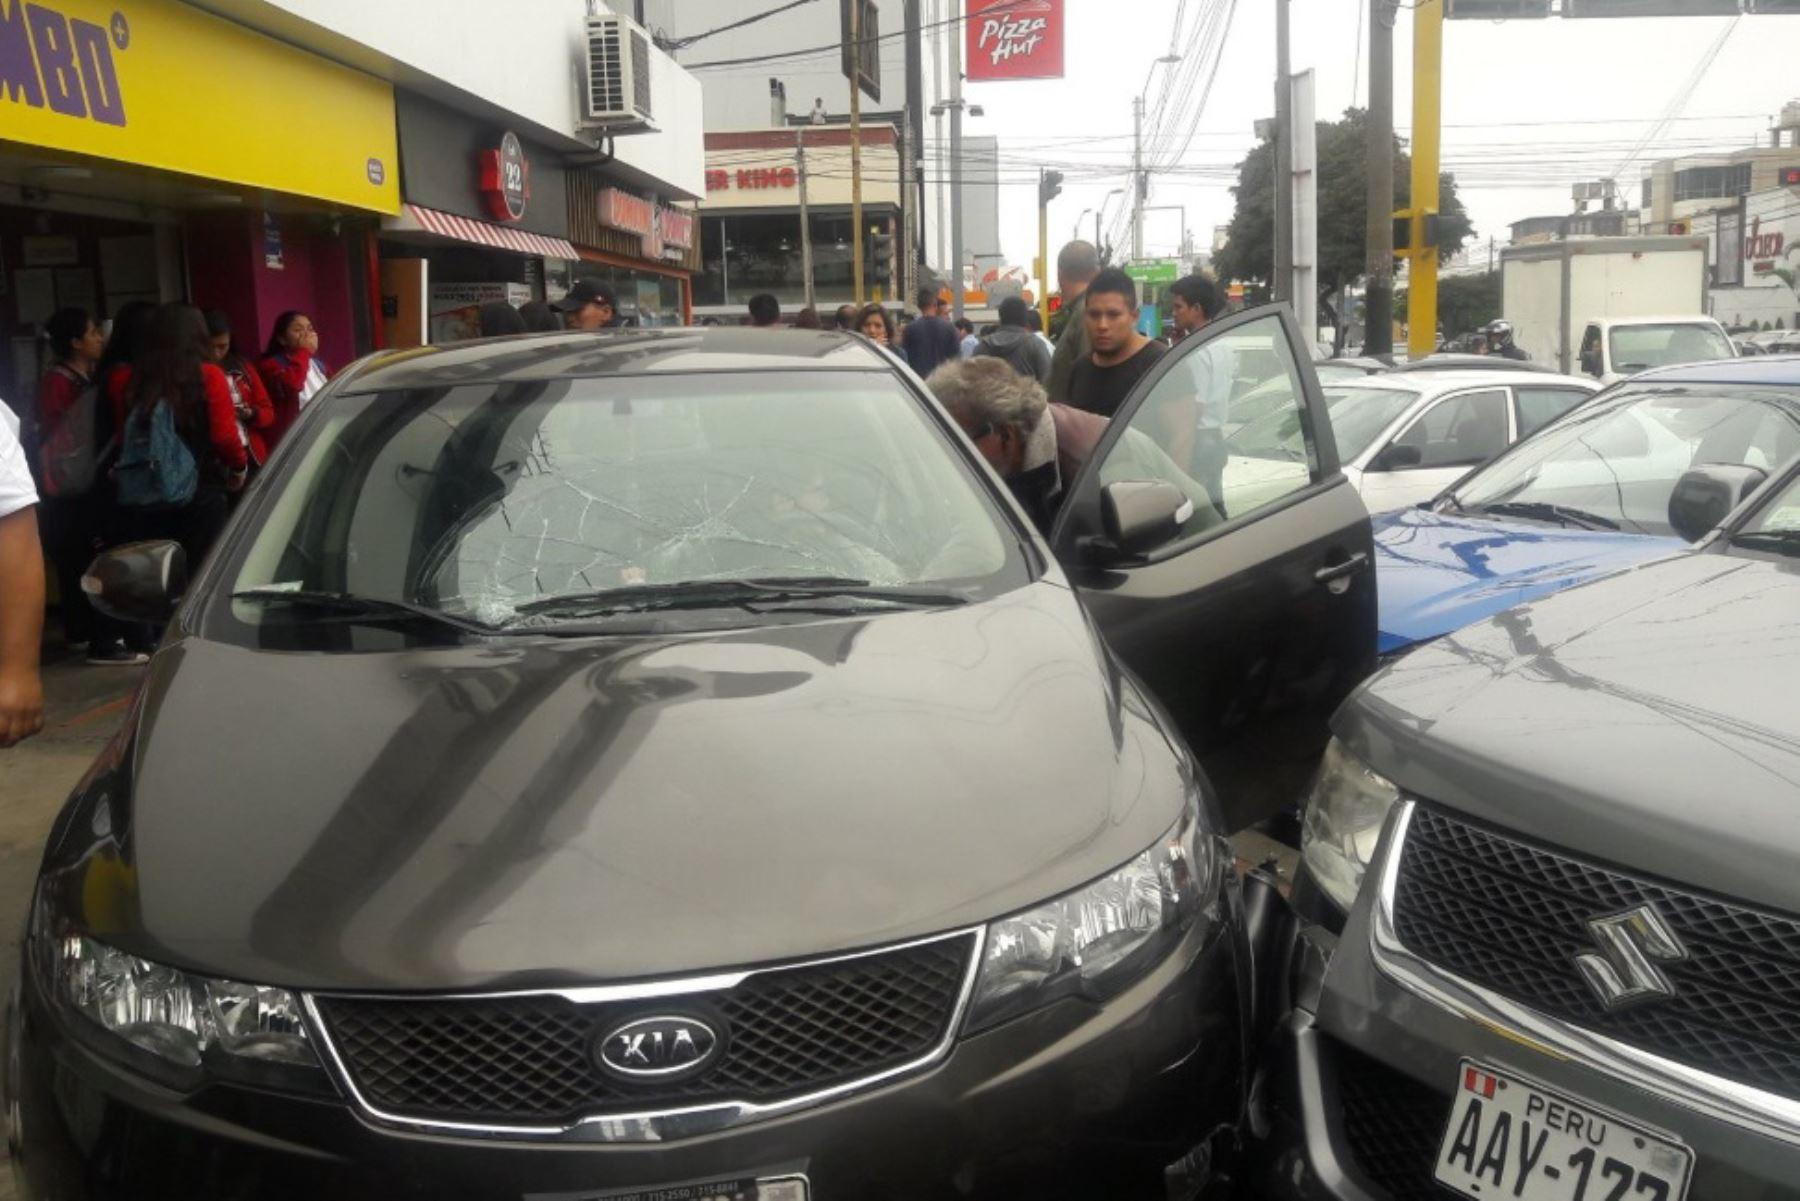 Con este vehículo, profesora atropelló a seis menores en Miraflores. Foto: Pierina Chicoma/Twitter.